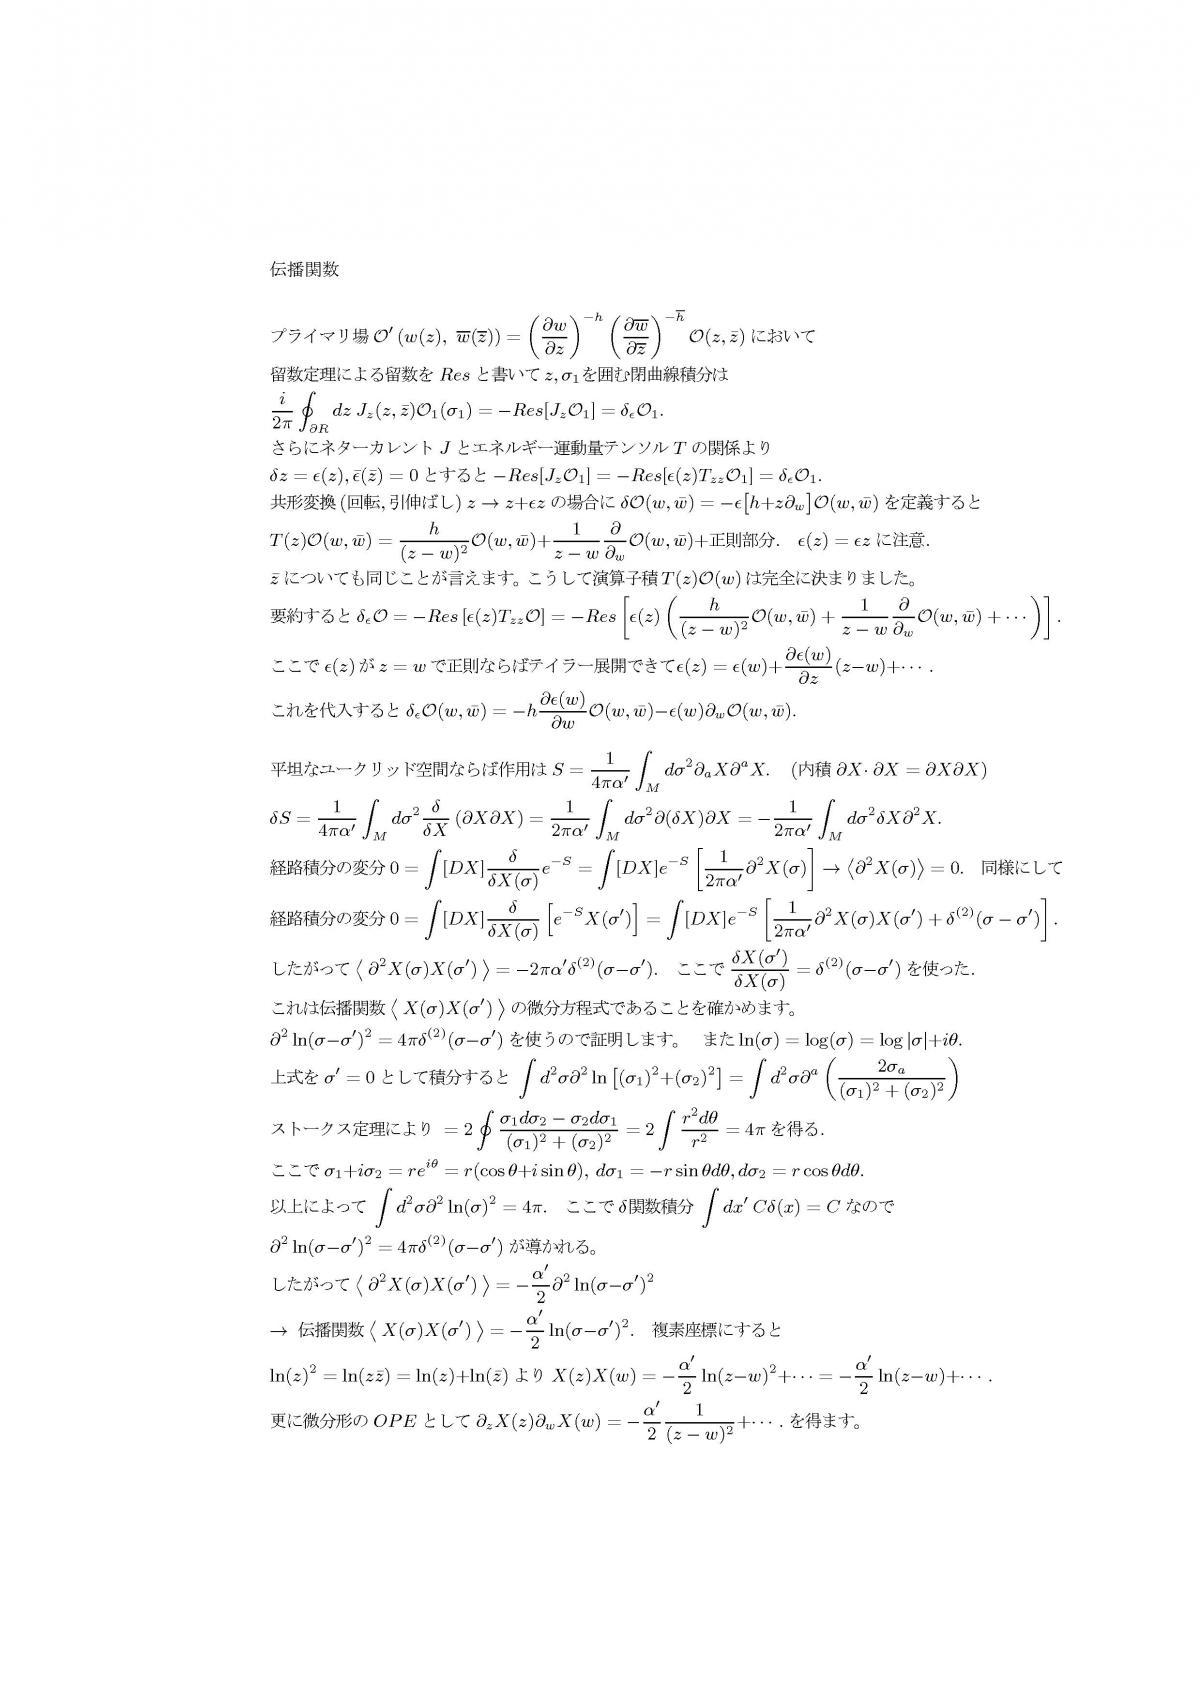 pgen27a.jpg